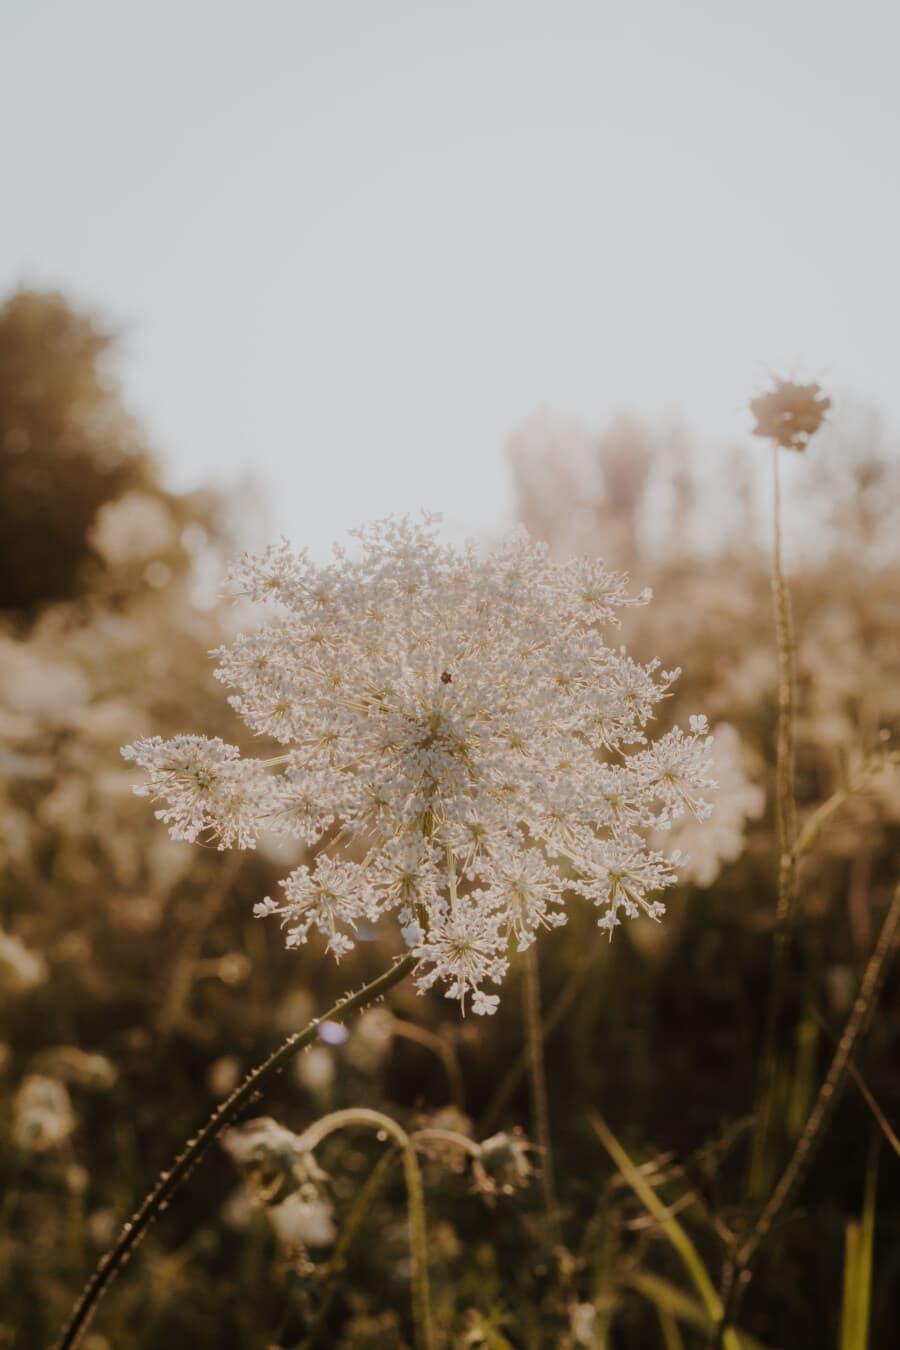 дневна светлина, Съншайн, Слънчев, бели цветя, диви цветя, стволови, тревисти, цвете, растителна, билка